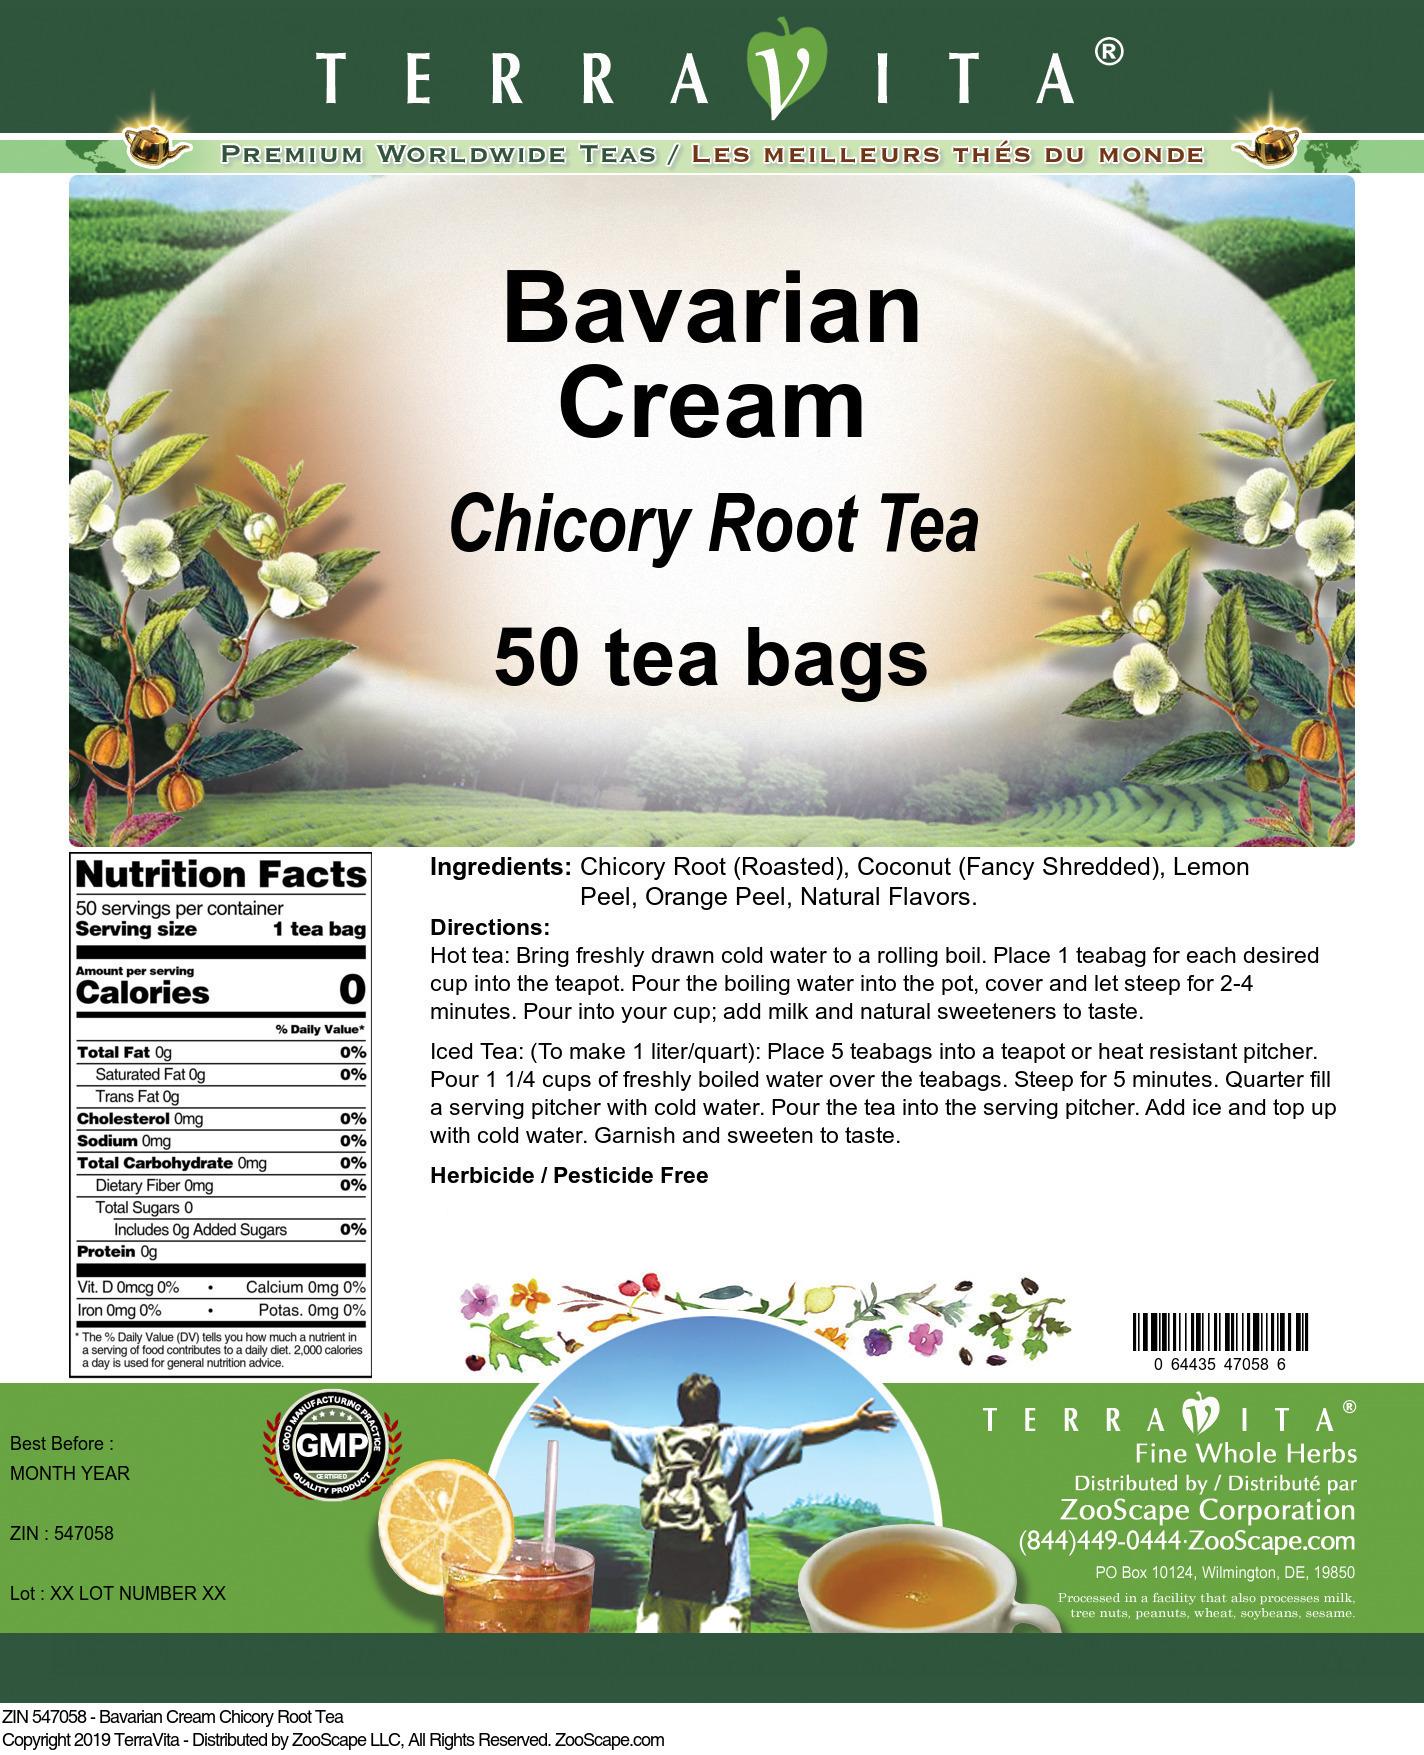 Bavarian Cream Chicory Root